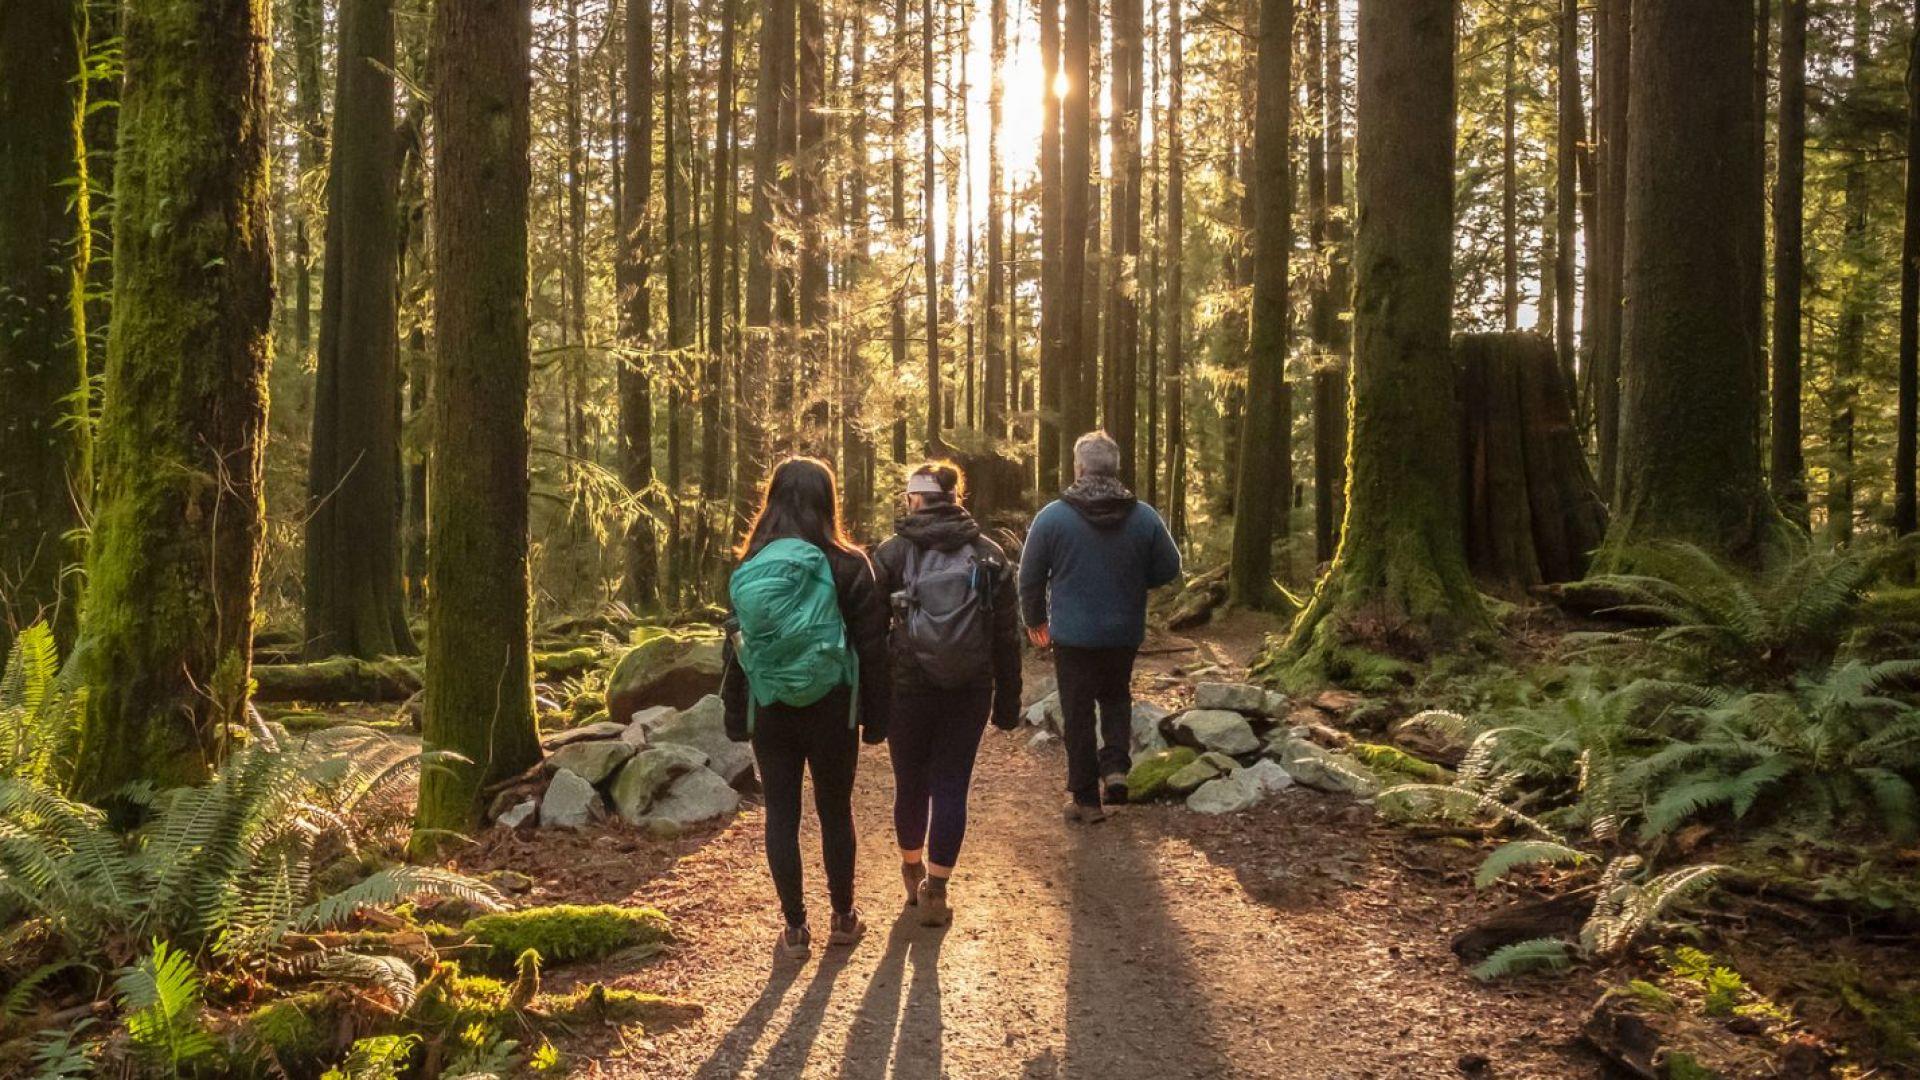 Продължителното ходене понижава кръвното налягане